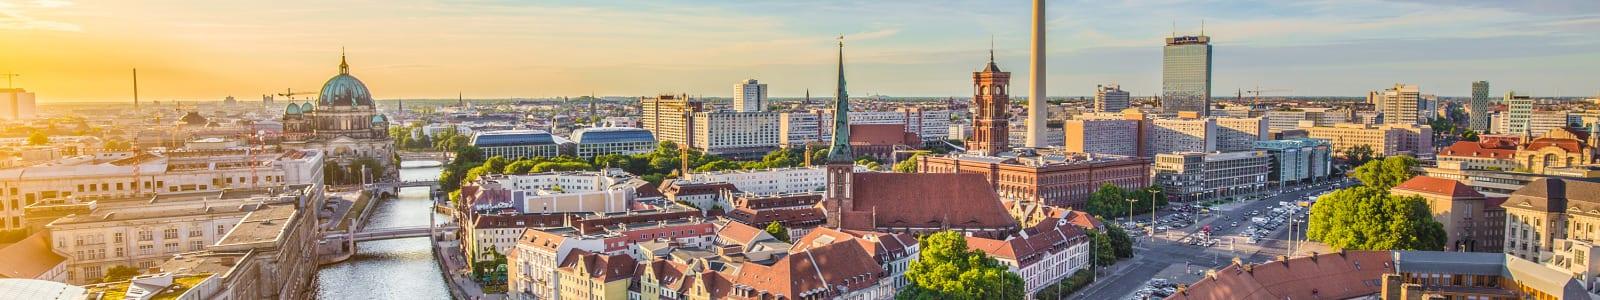 Waterside view of Berlin landmarks